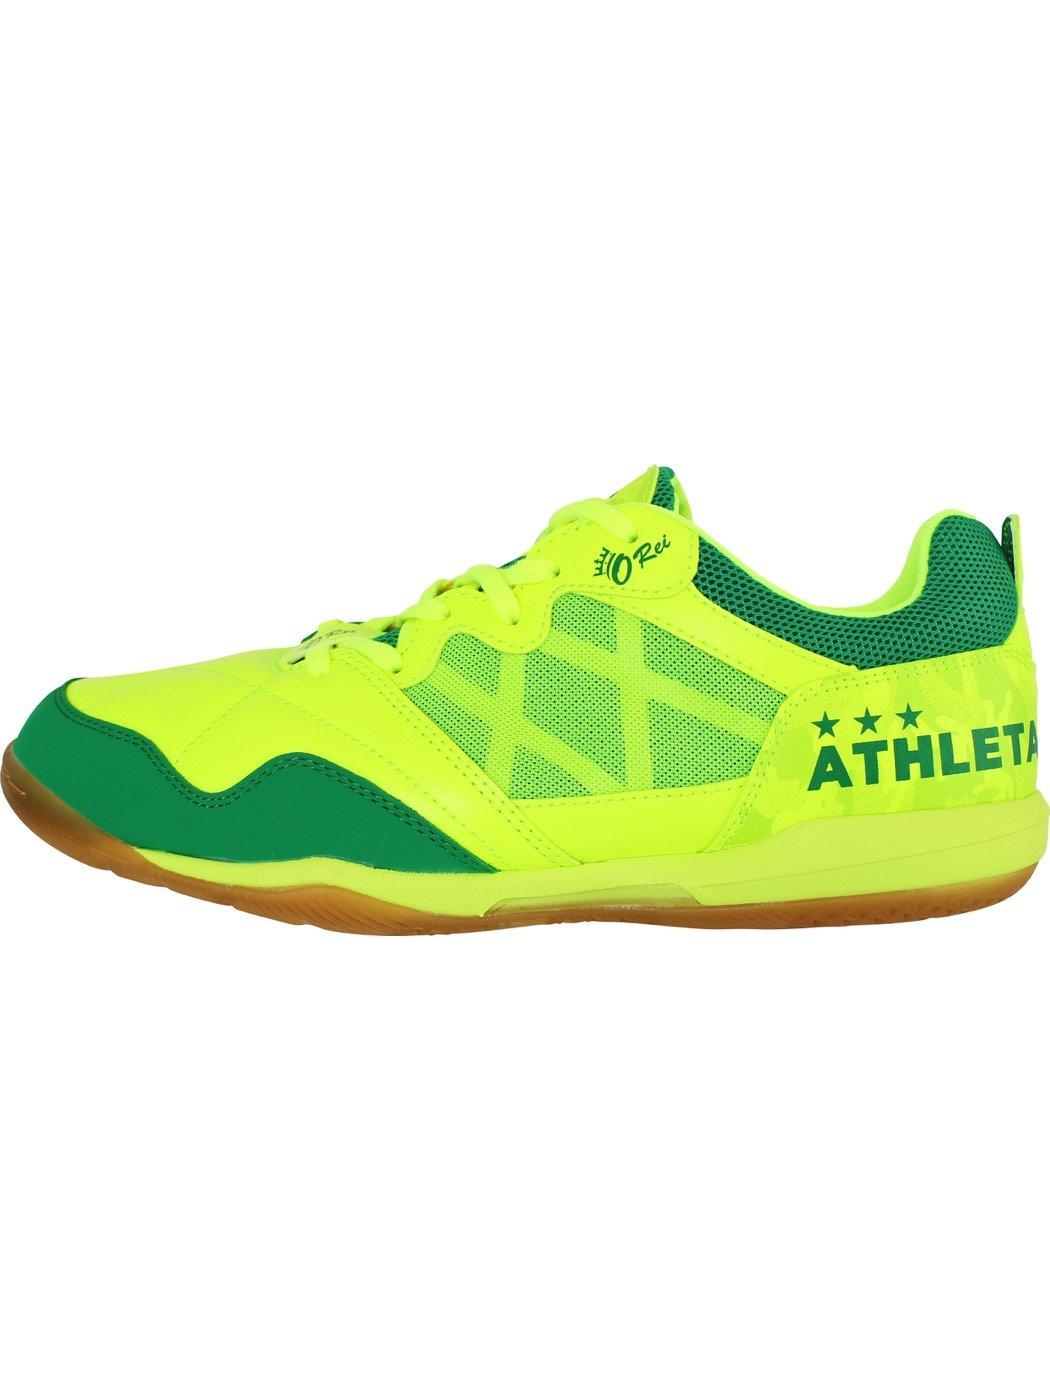 ATHLETA(アスレタ) O-Rei Futsal T002 11005-FL B06Y1FQ35M 28|3833(F.LIME*GRN) 3833(F.LIME*GRN) 28